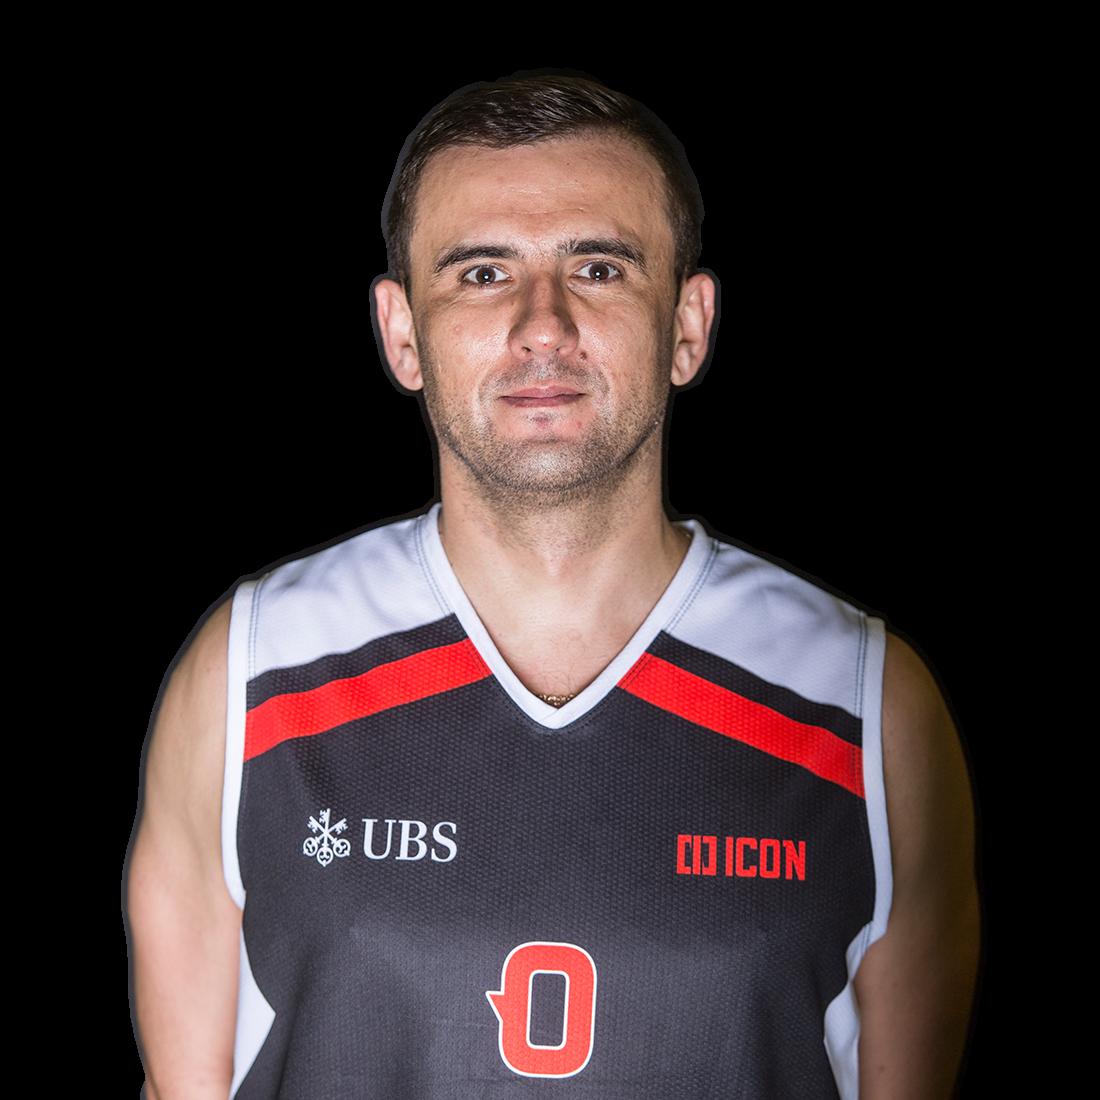 Damian Sawicki